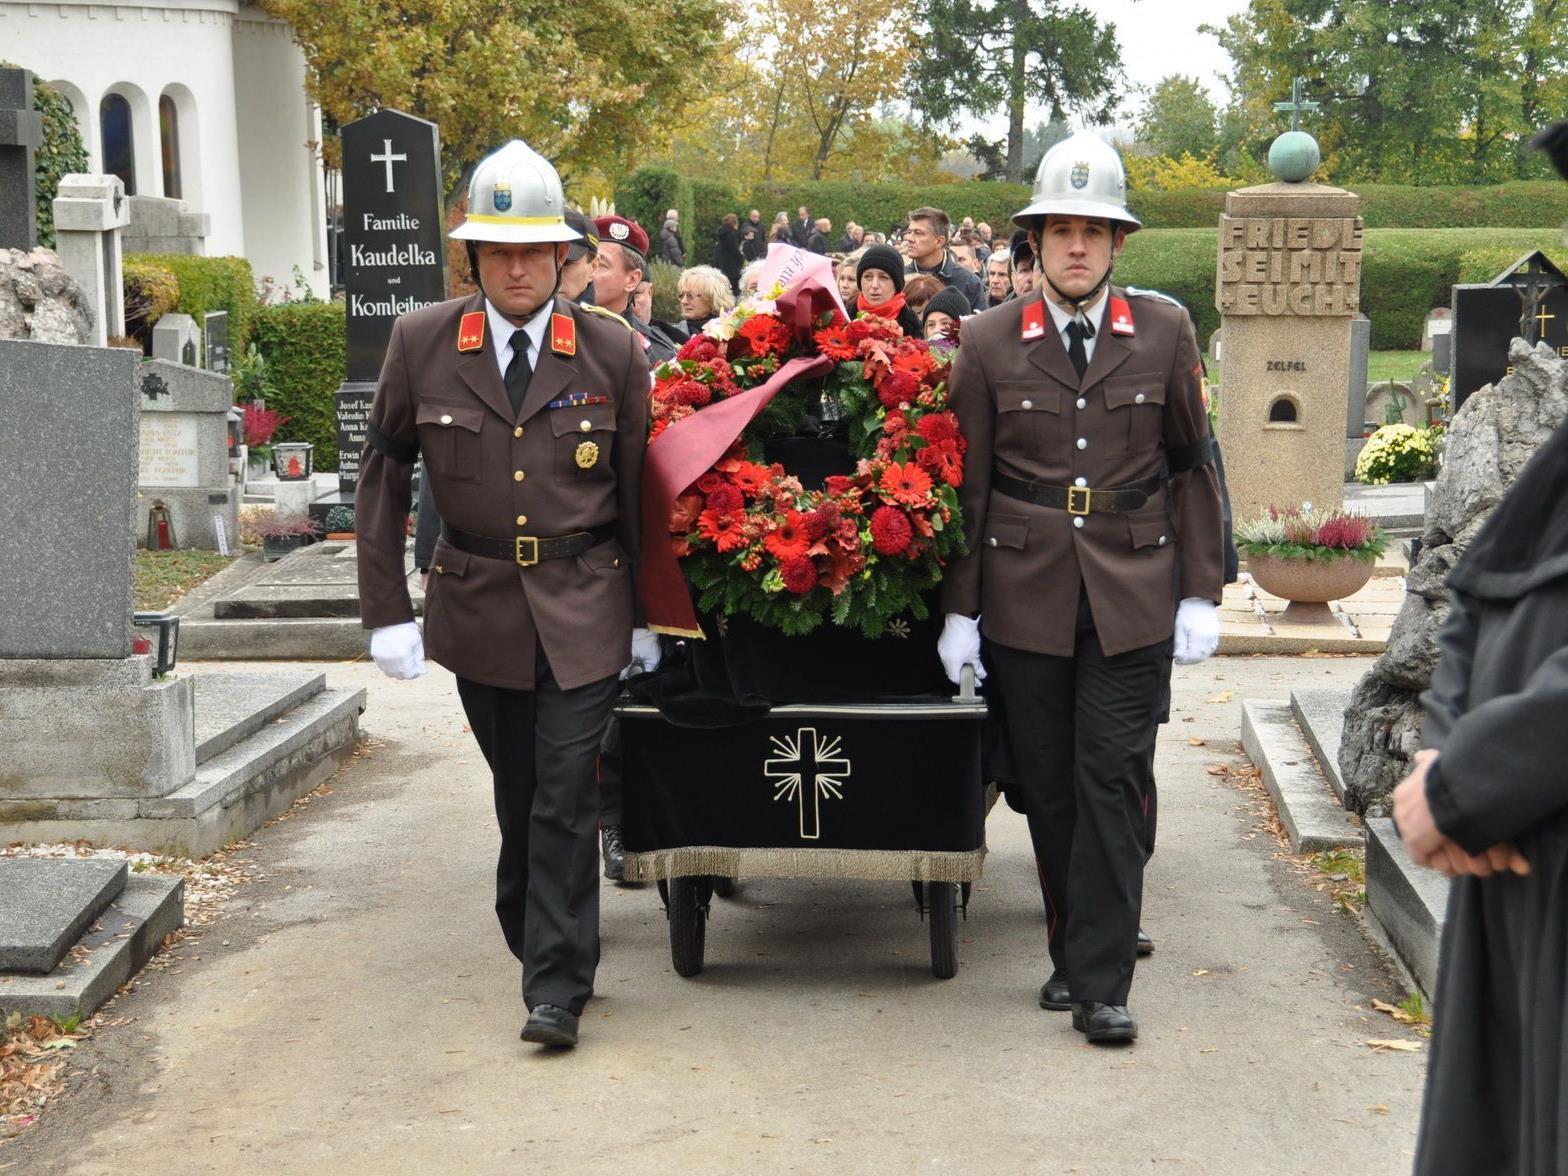 Große Anteilnahme bei der Beerdigung des verunglückten Feuerwehrmannes.